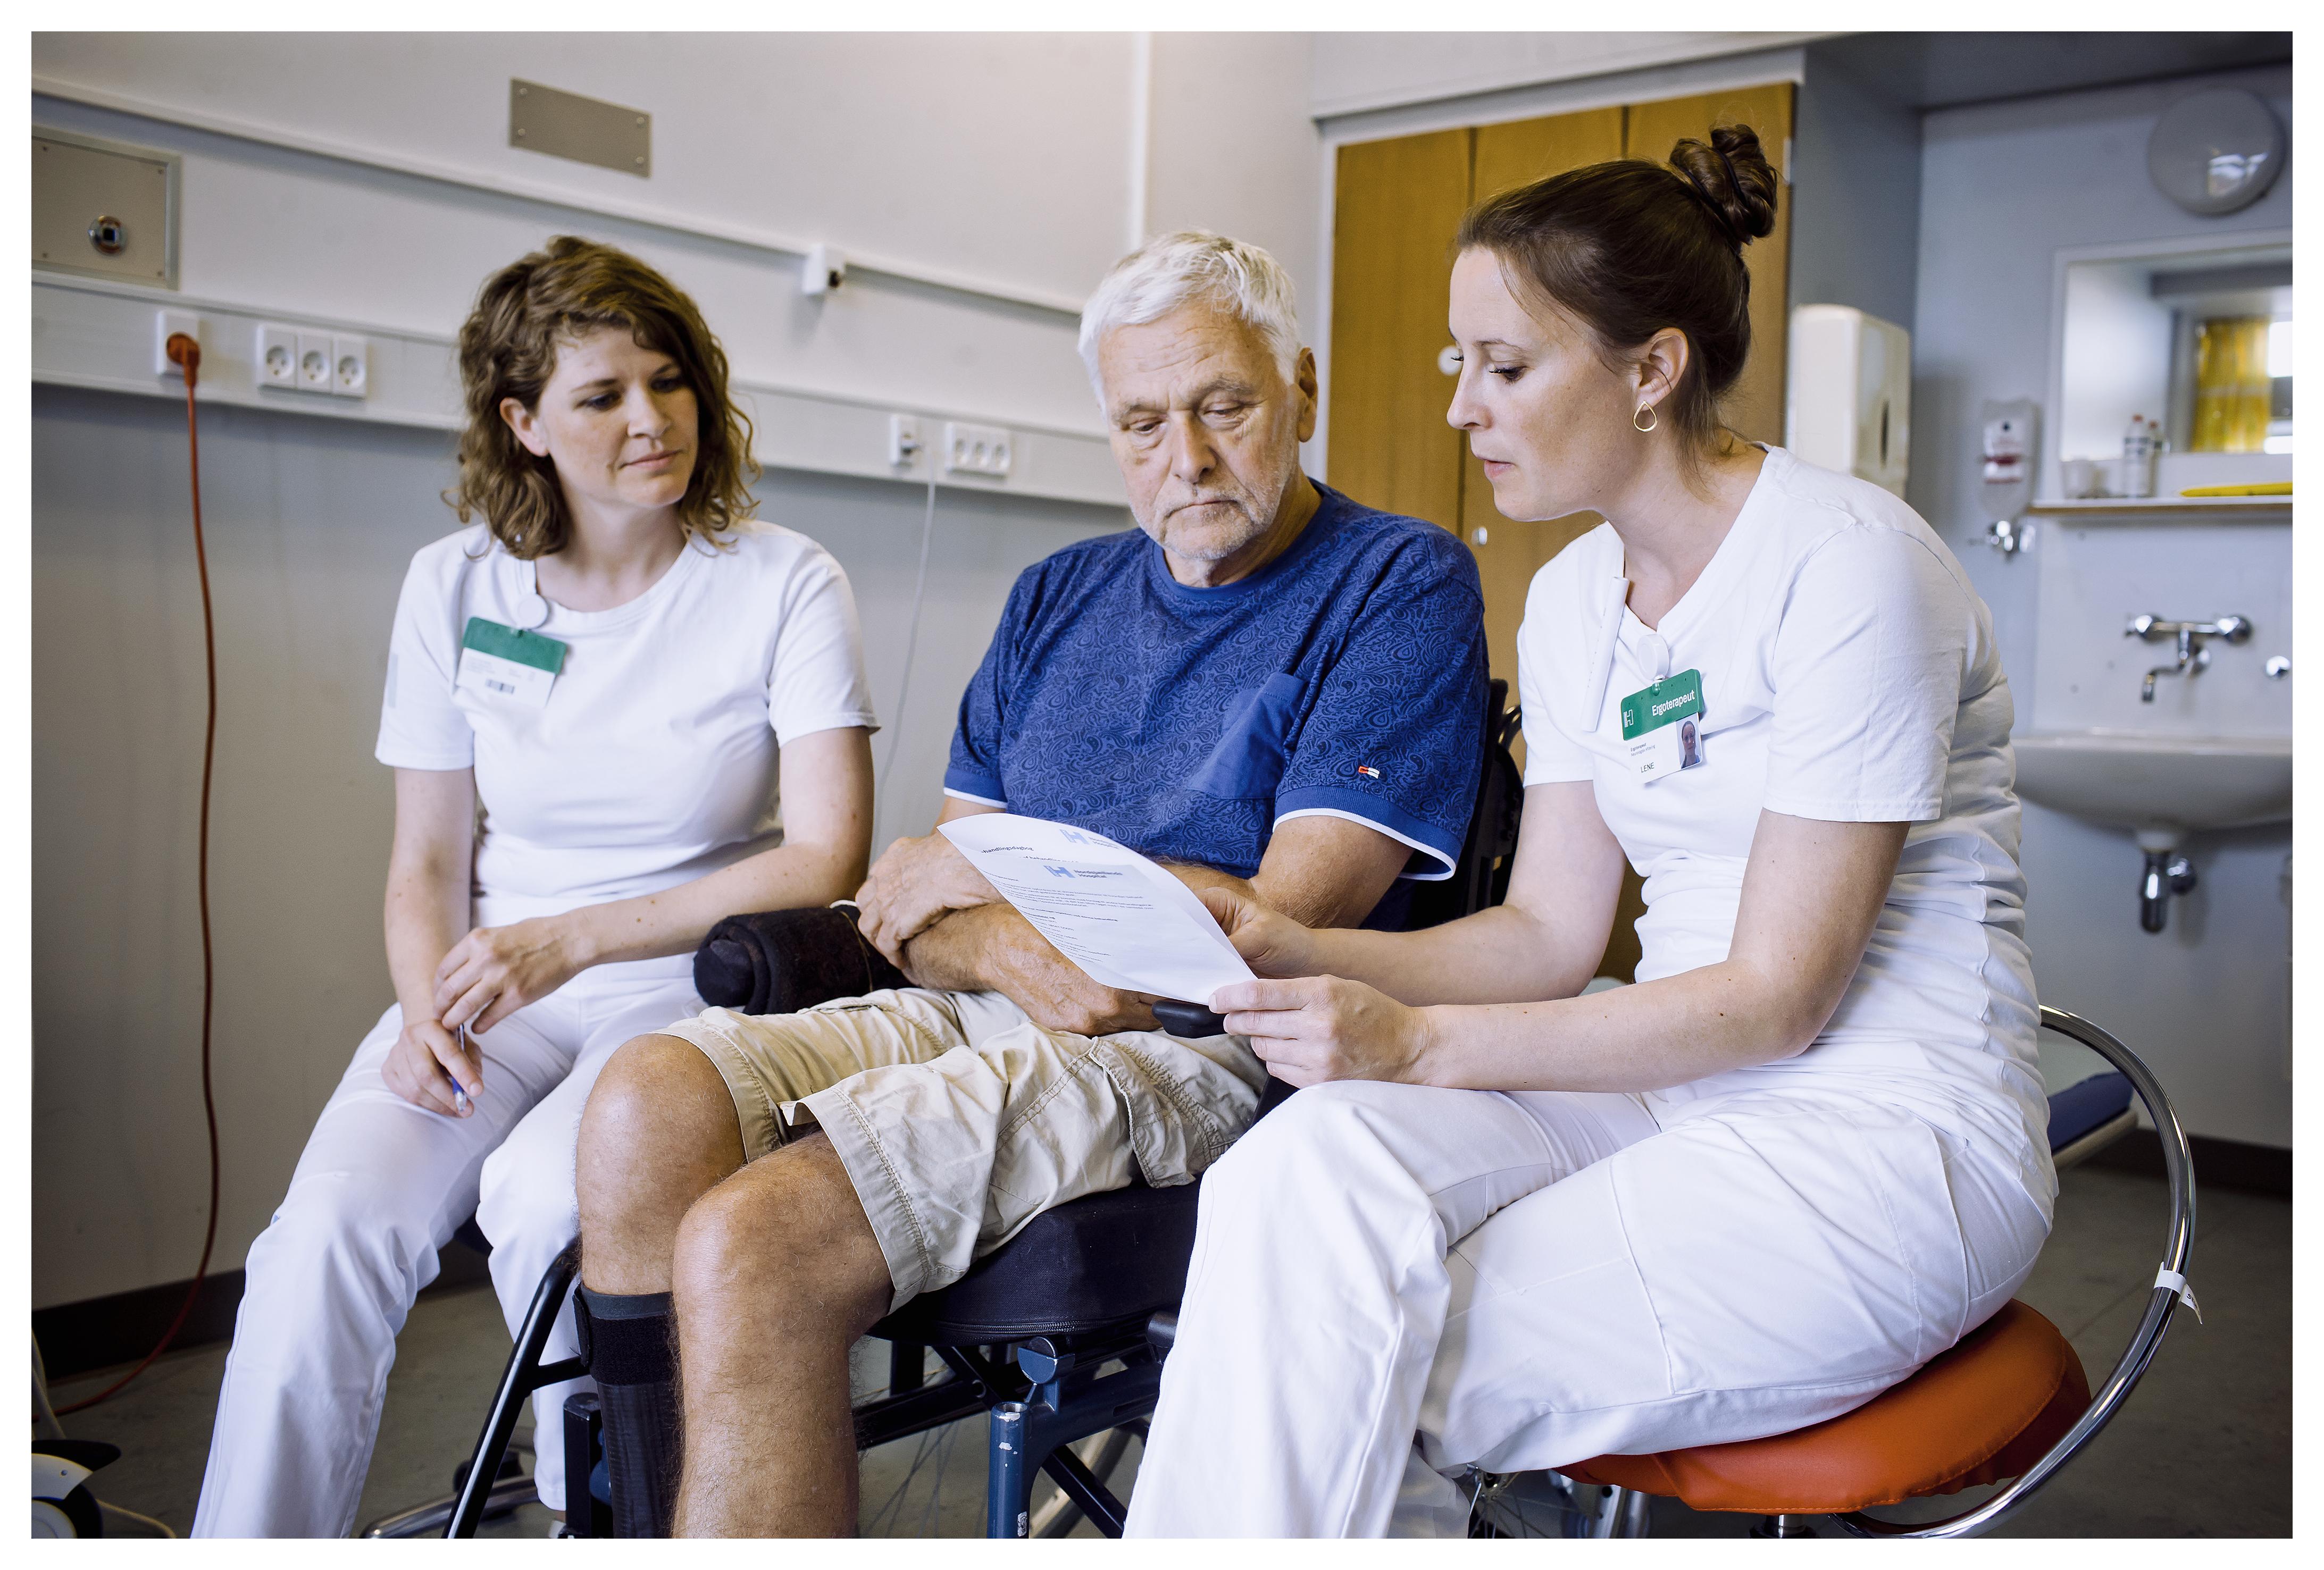 Behandlingsdagbogen indeholder aktivitetsbaserede mål for den enkelte patient.  Ergoterapeut Lene Møller Kristensen og fysioterapeut Trine Haastrup sætter målene i samspil med patienten og følger op på, hvordan det går med at nå målene.